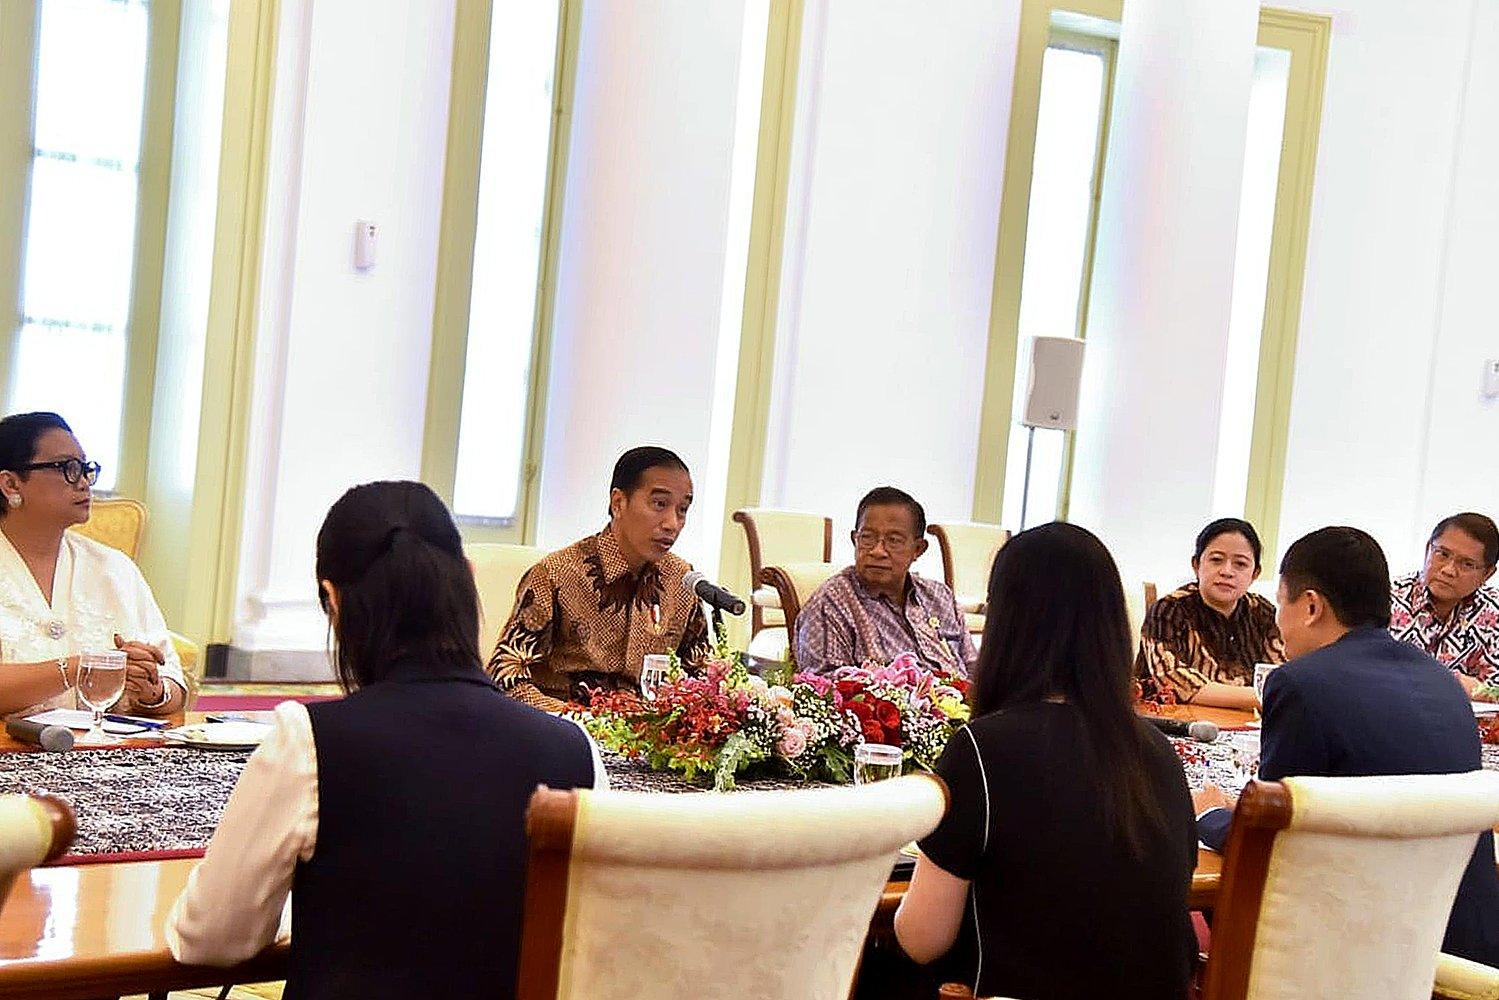 Pertemuan tersebut bagian dari lawatan salah satu orang terkaya di dunia ini ke Indonesia sekaligus untuk menghadiri penutupan Asian Games 2018 .